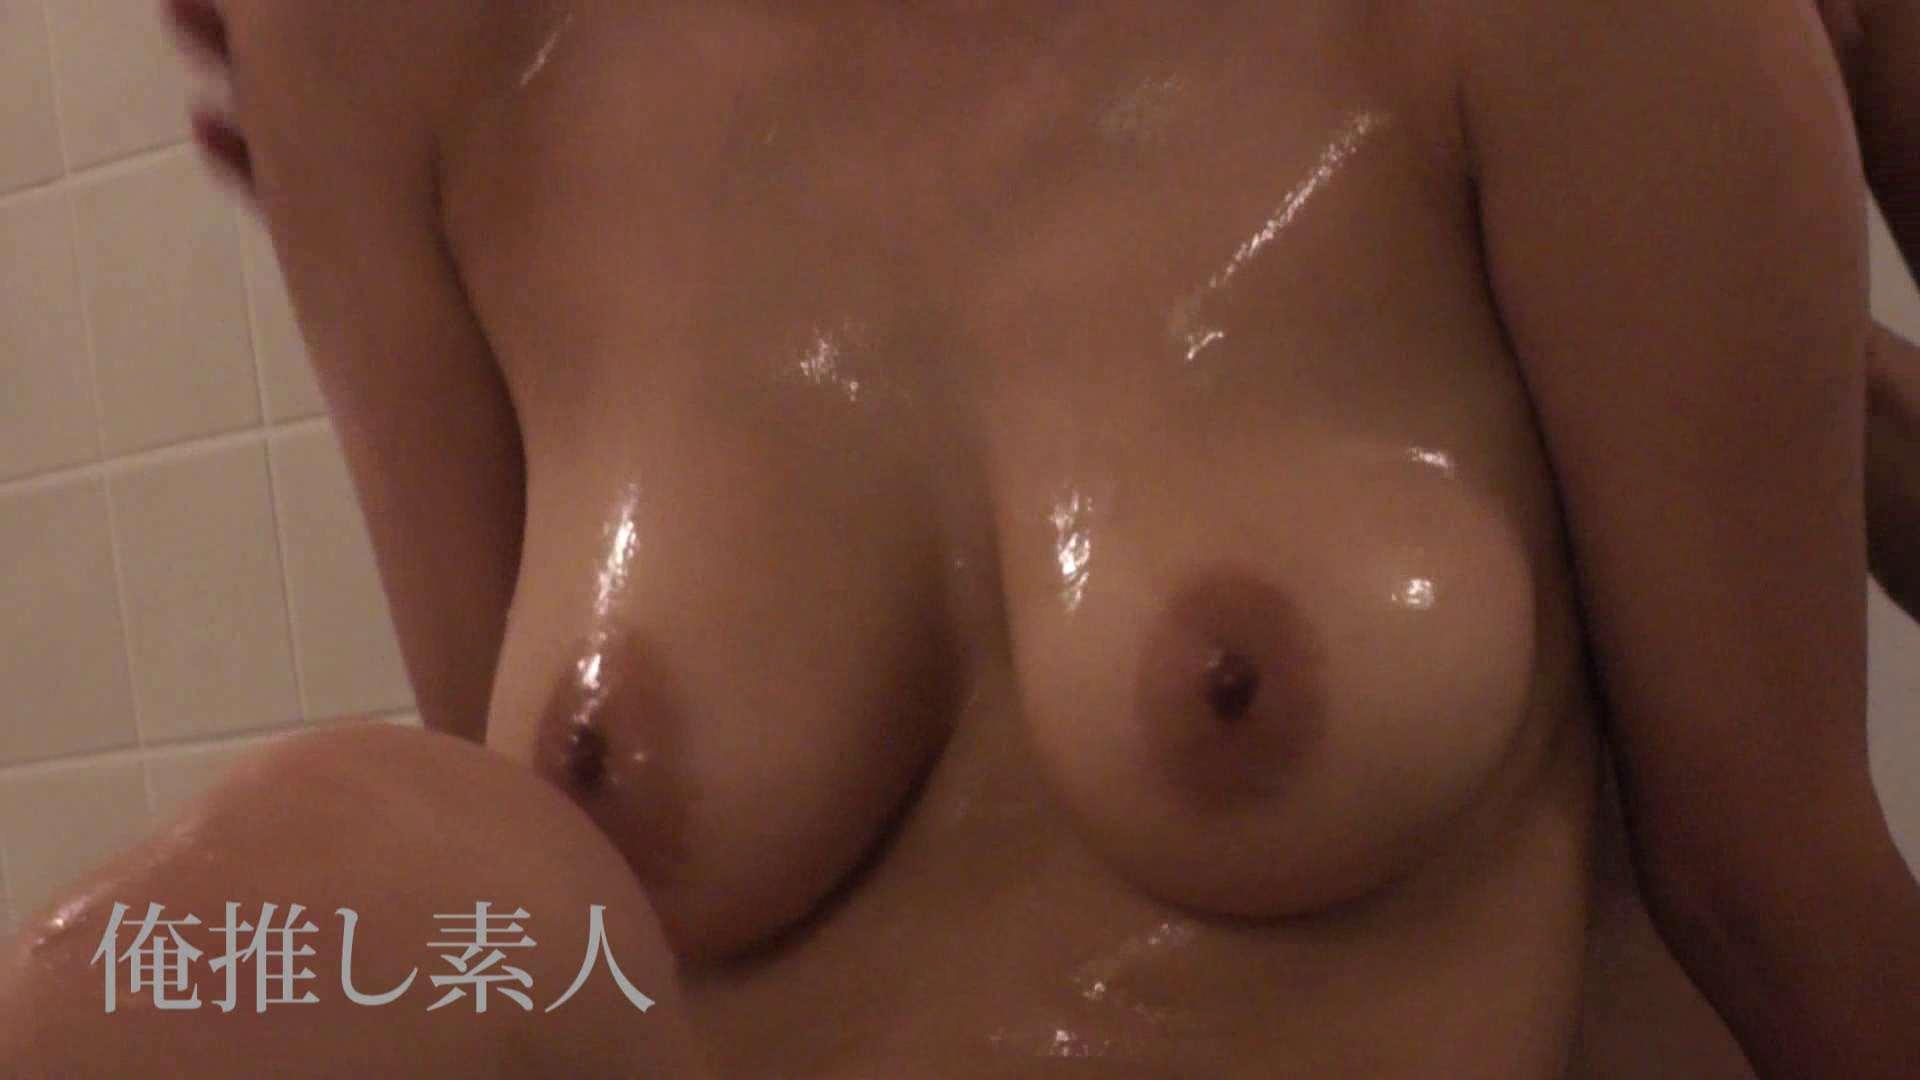 俺推し素人 30代人妻熟女キャバ嬢雫Vol.02 おっぱい特集 | 素人のぞき  63pic 57